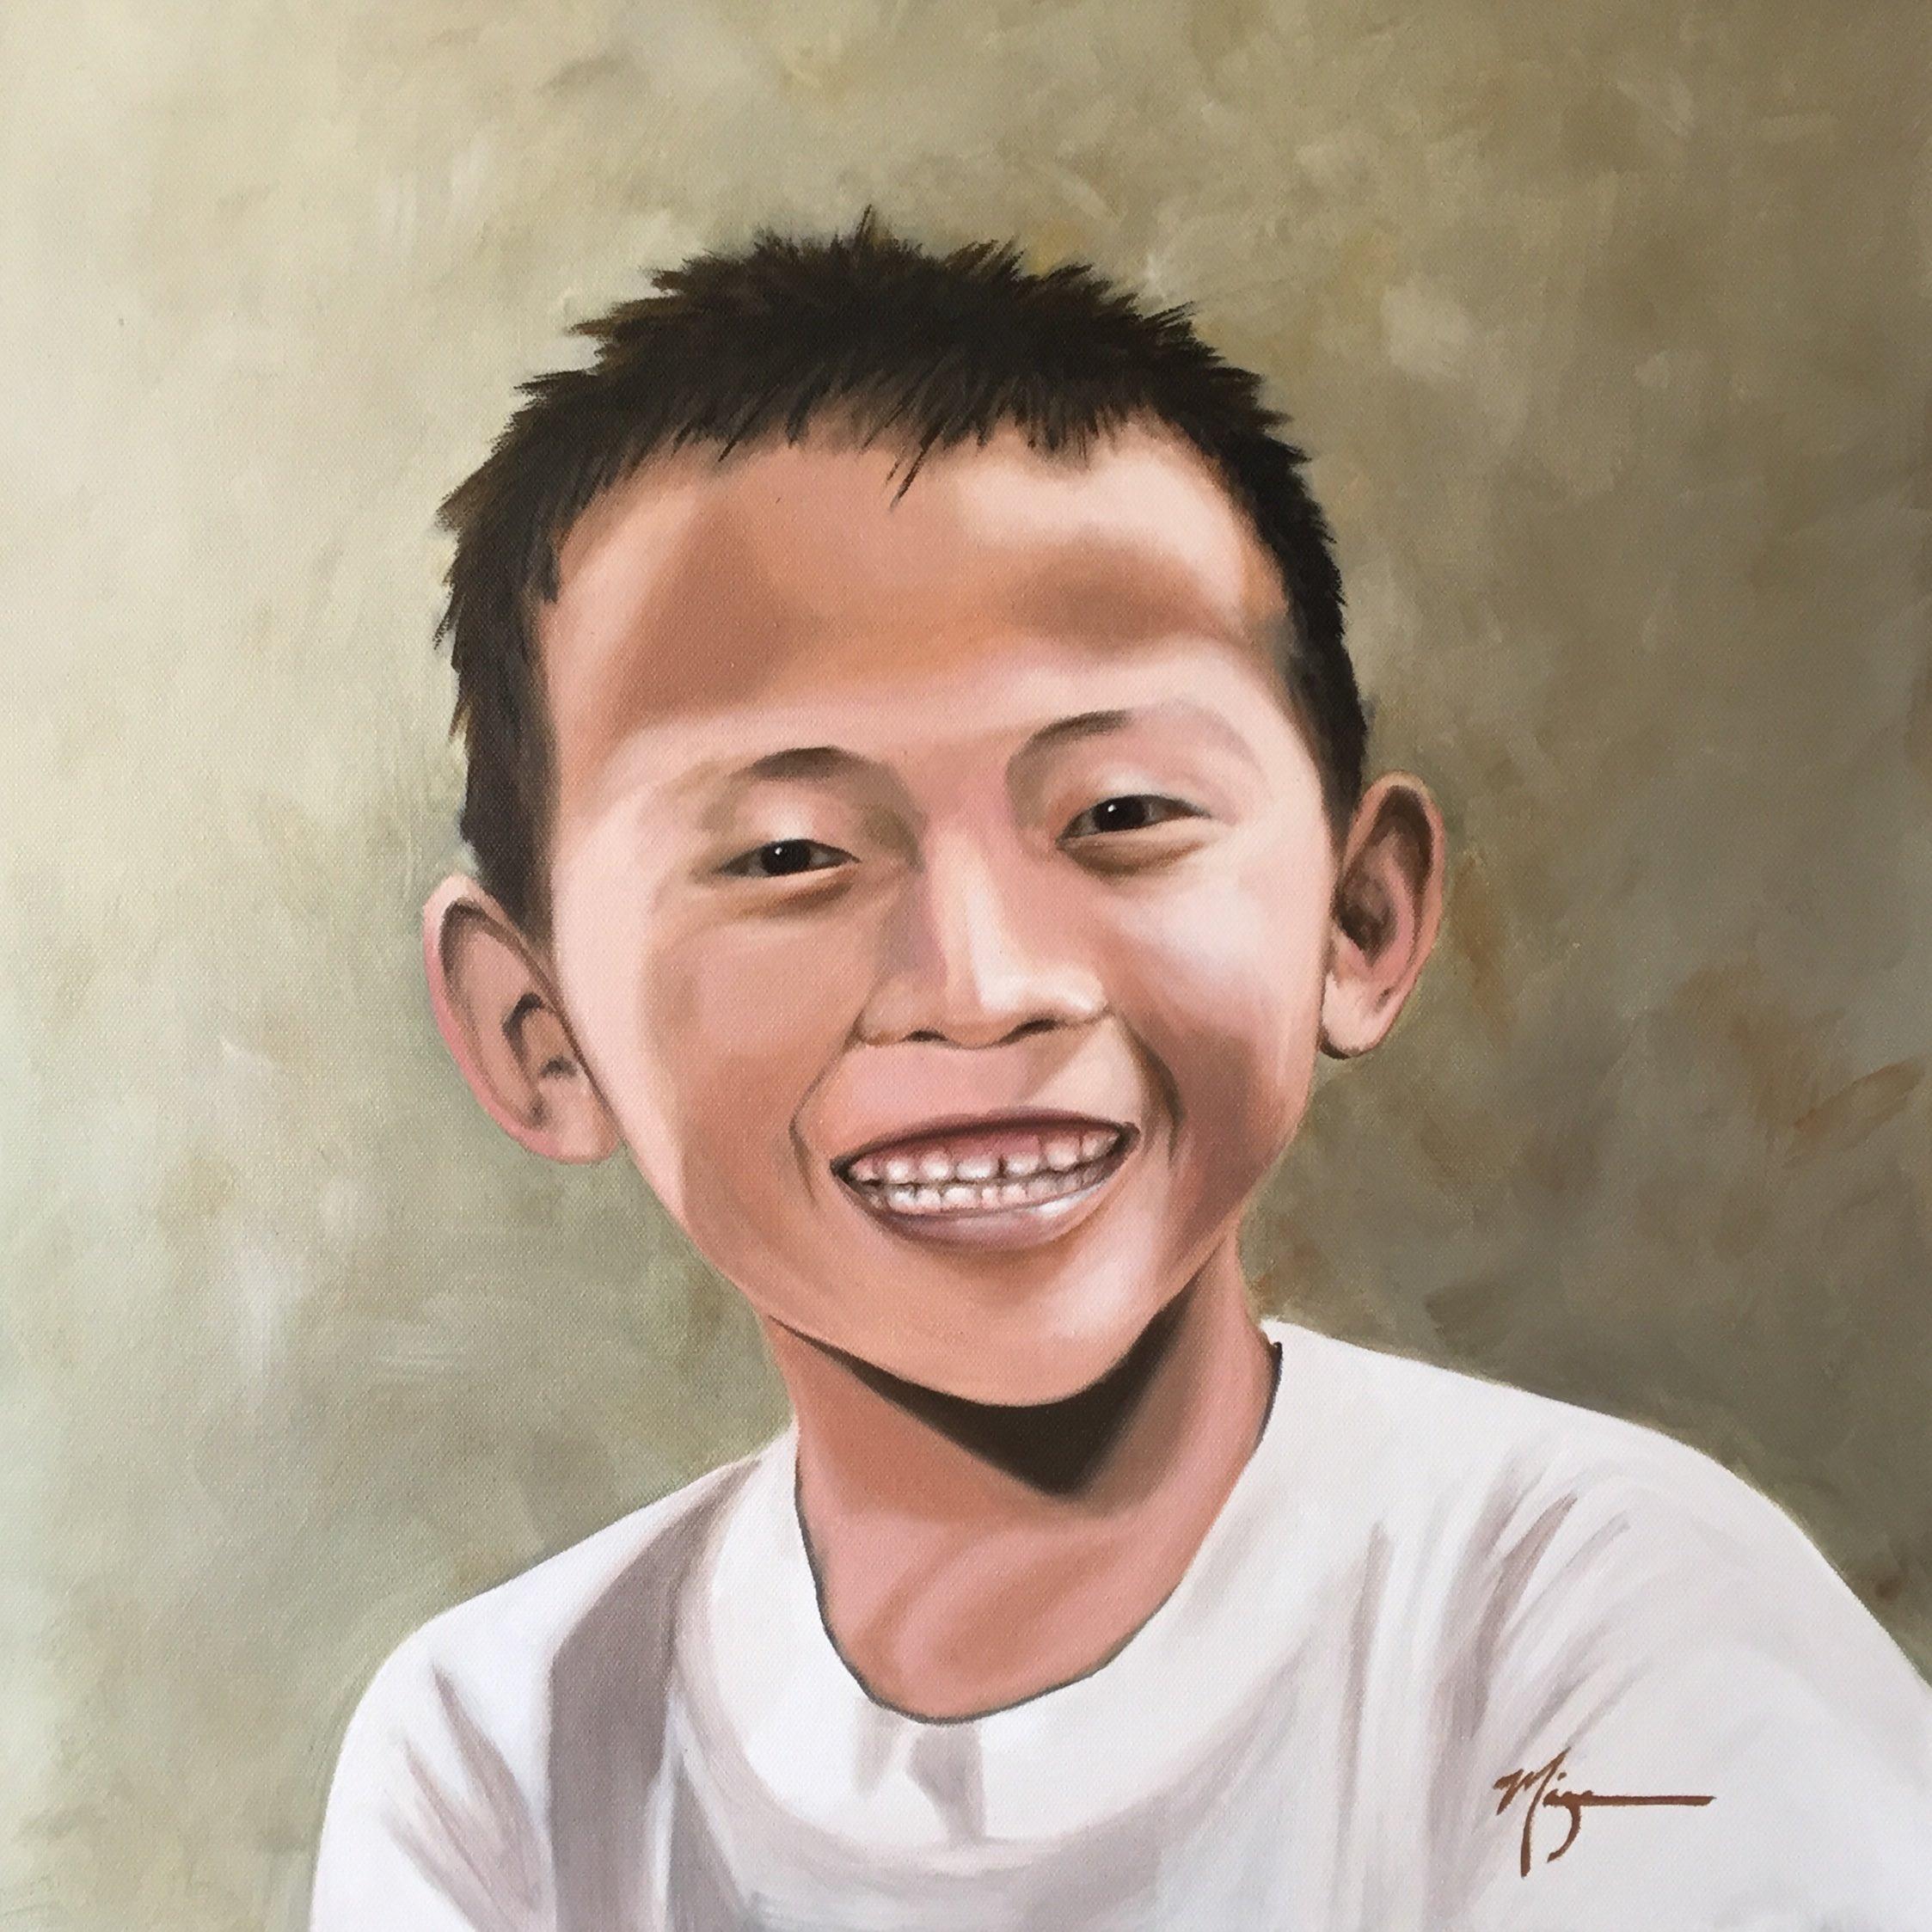 Thanaka Paint